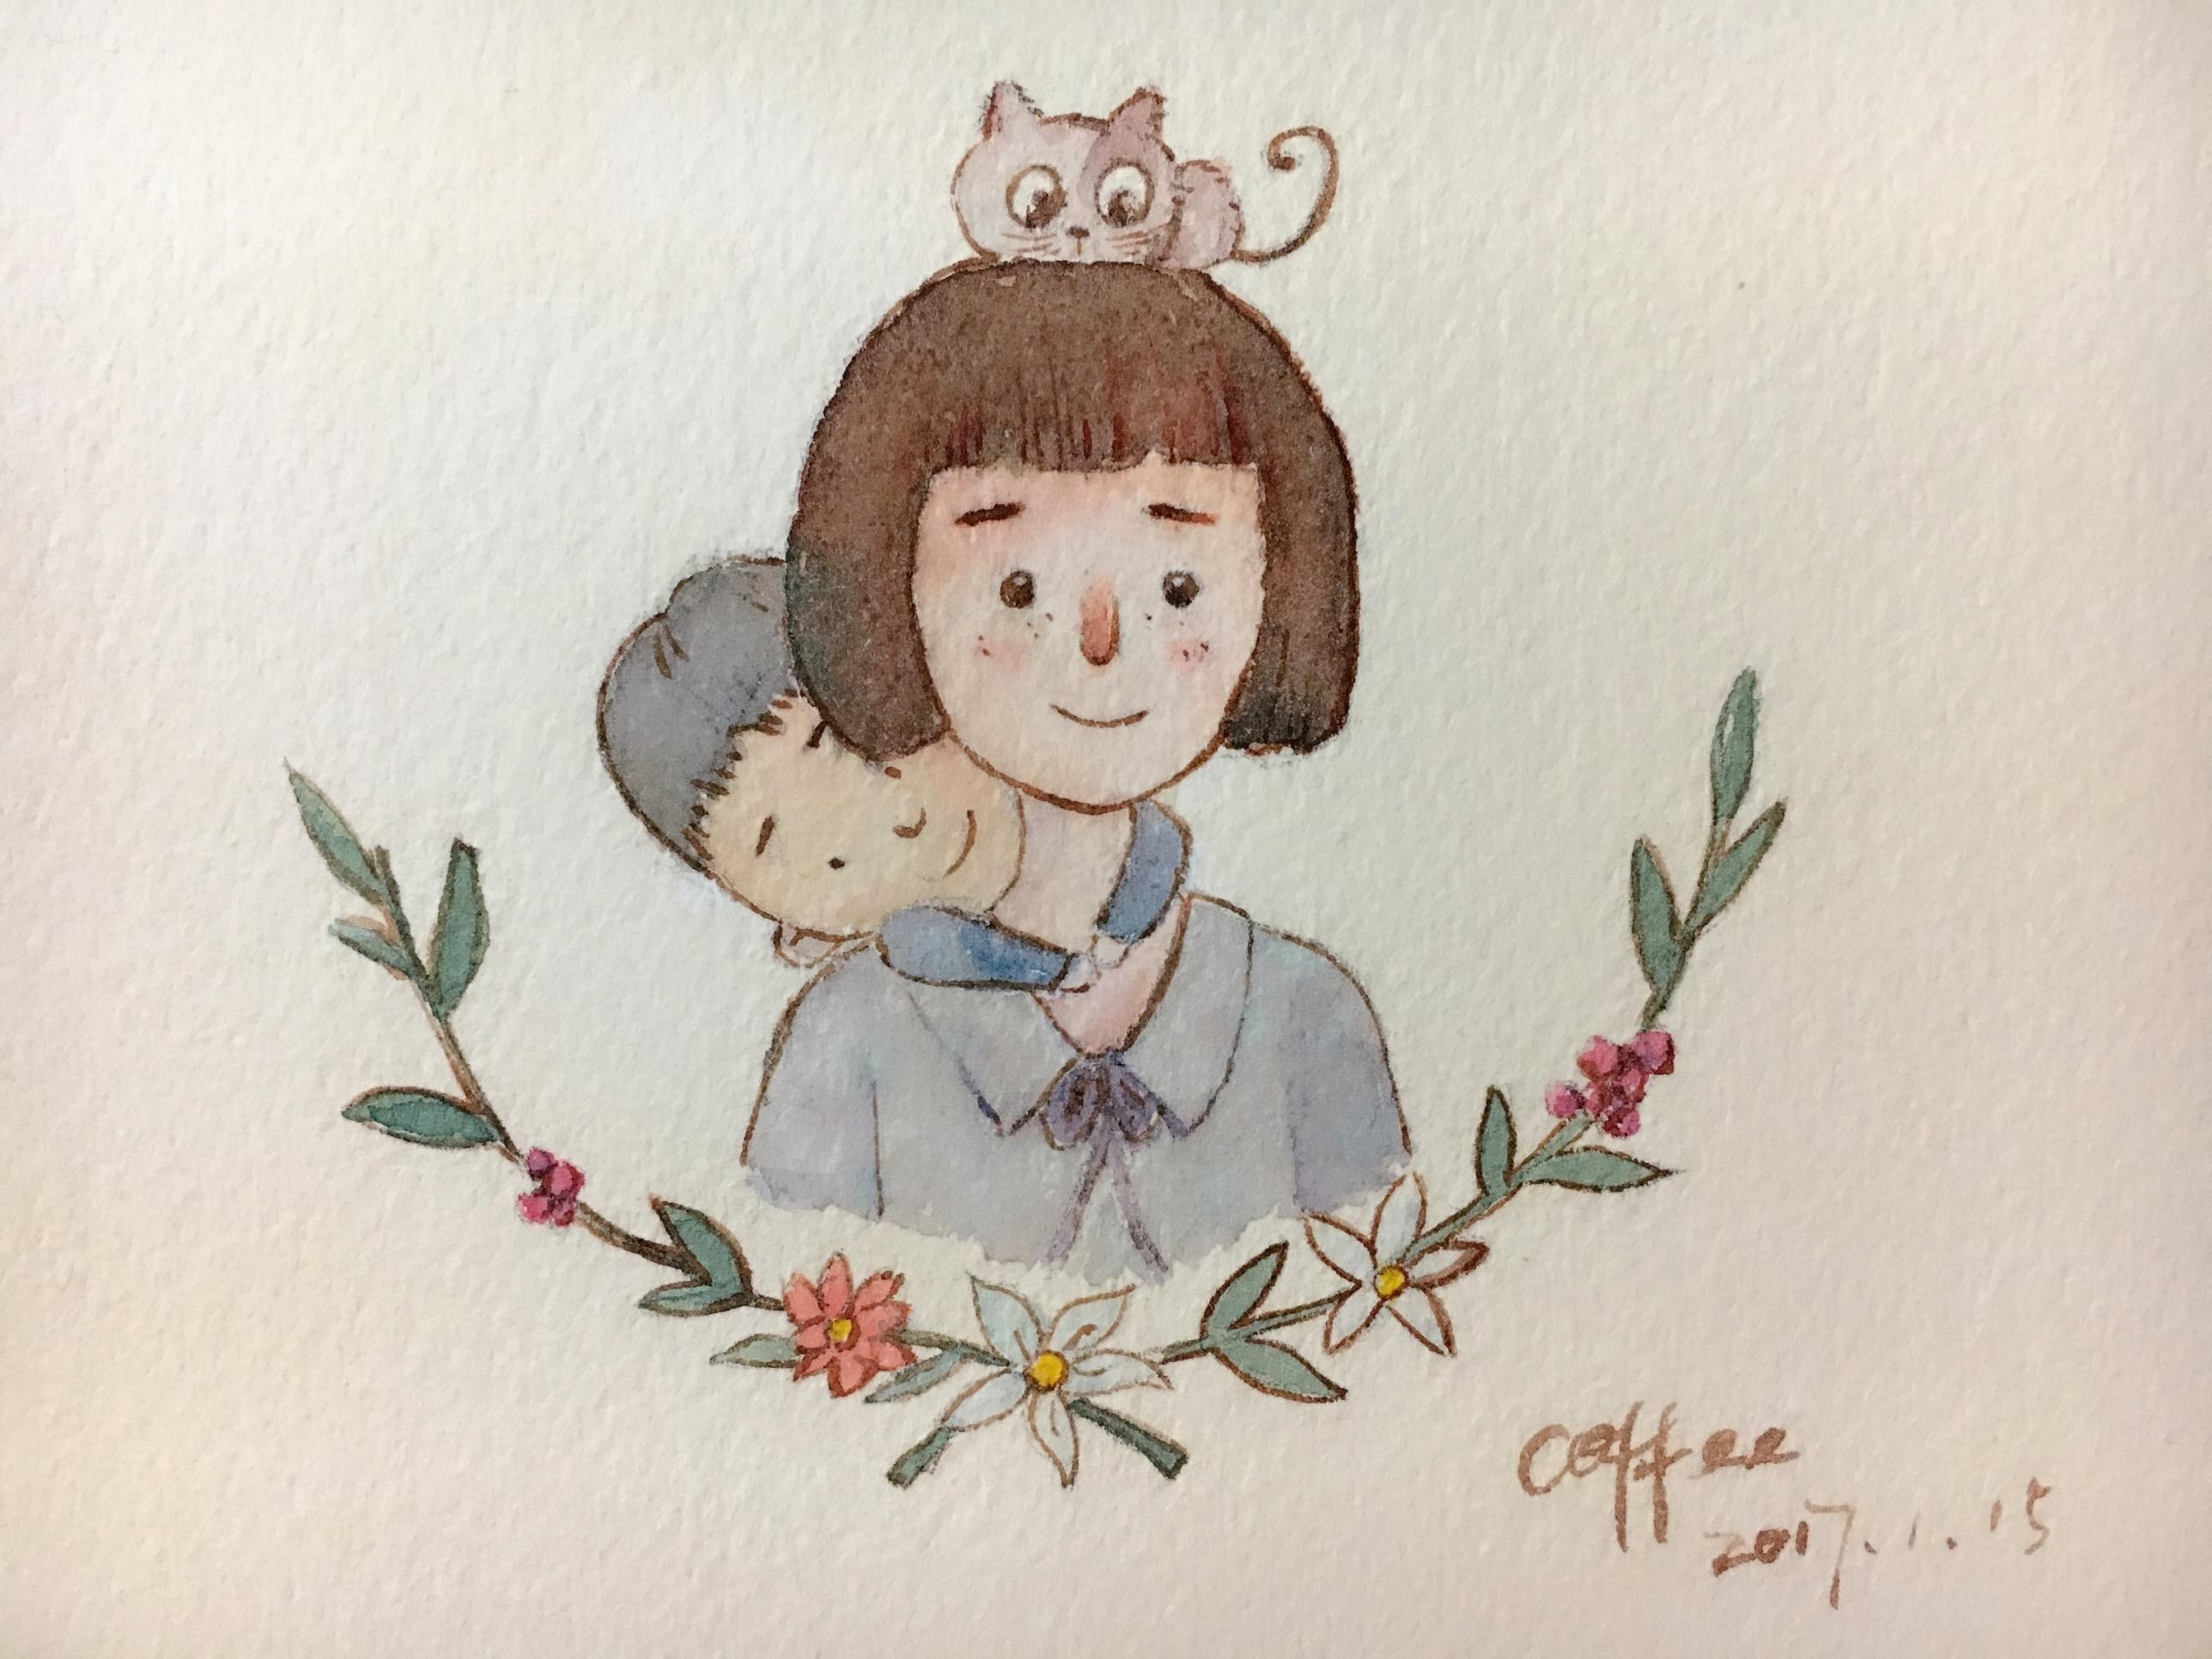 原创水彩手绘作品 插画 儿童插画 momofj - 原创作品